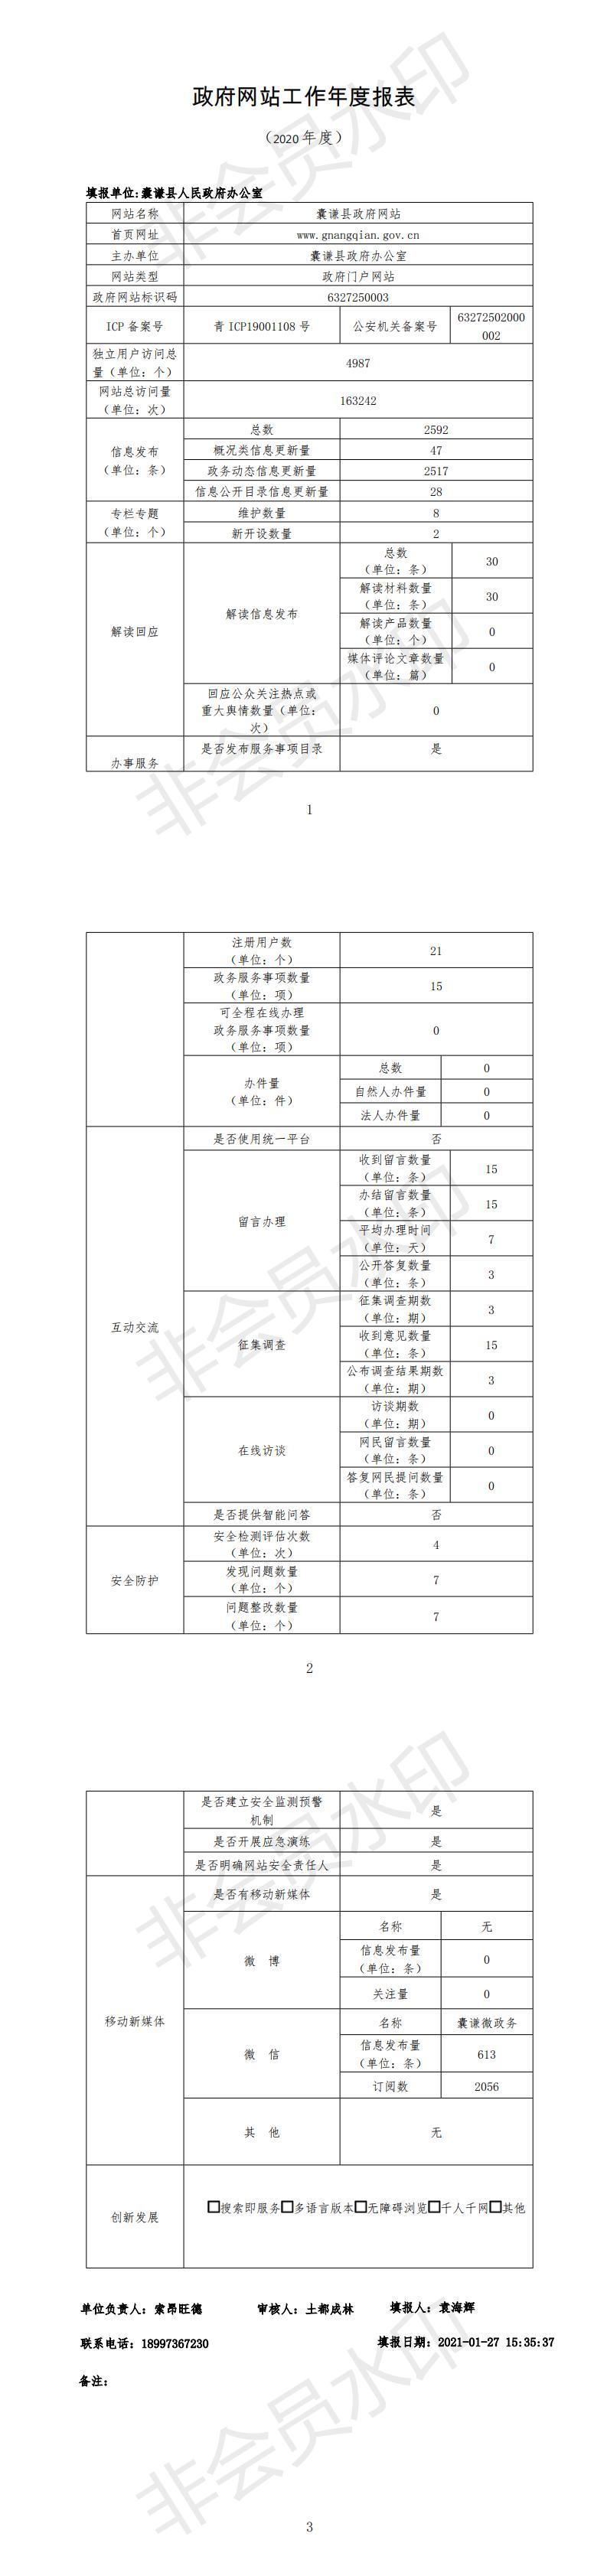 2020年囊谦县政府门户网站工作年度报表